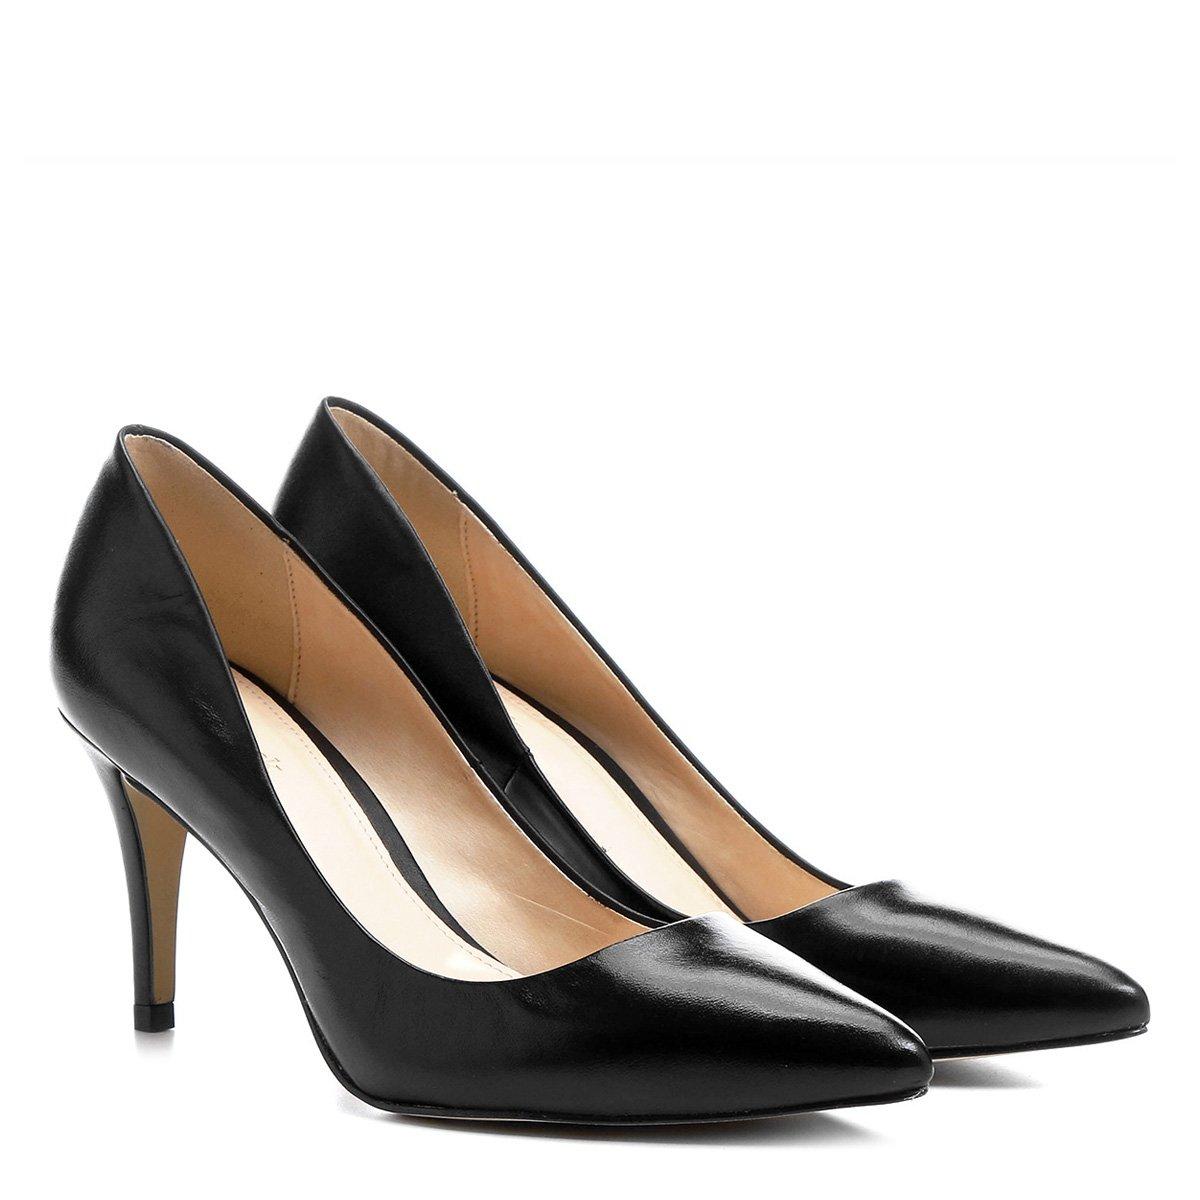 6827ae526a Scarpin Couro Shoestock Salto Médio Bico Fino - Preto